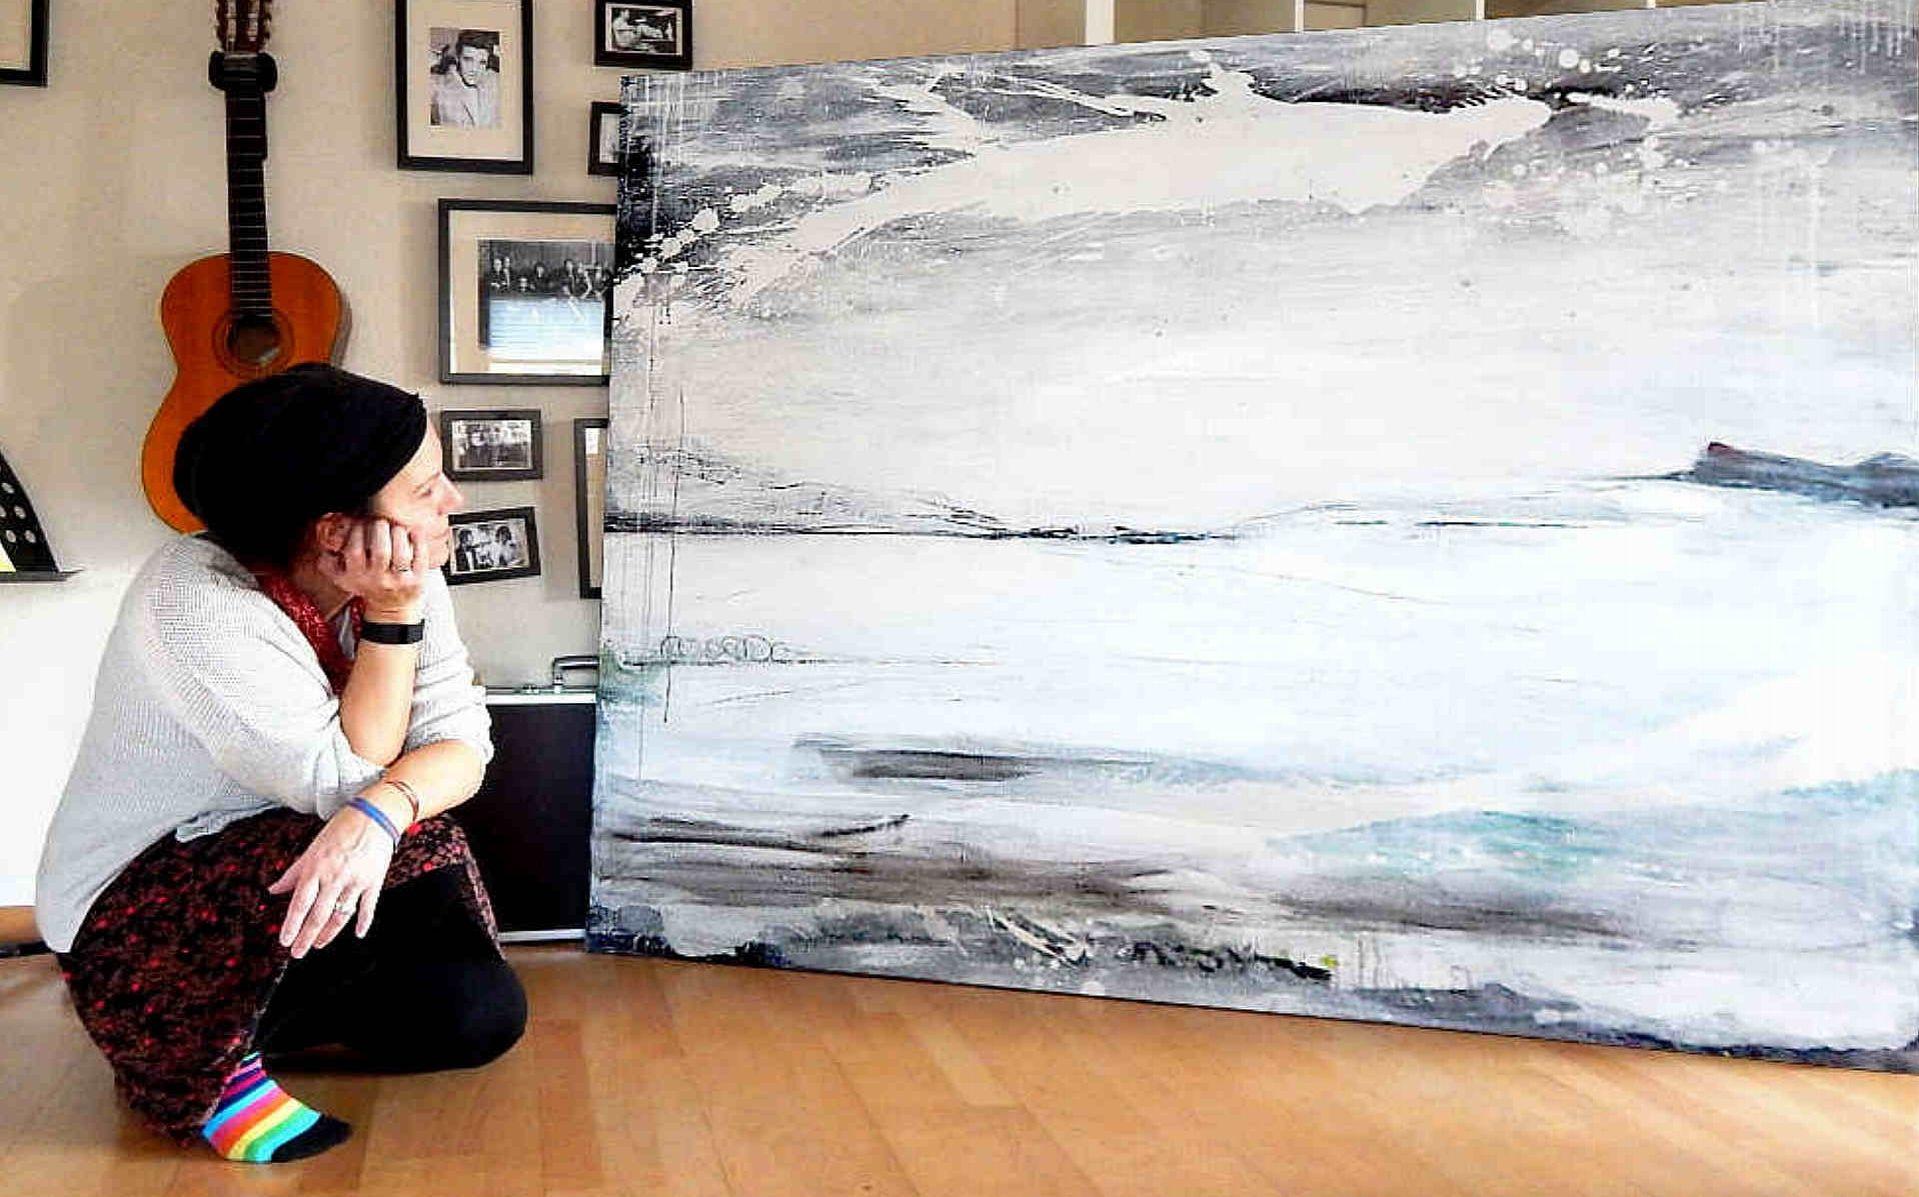 abstrakte bilder kaufen große Formate als Auftragsmalerei oder im Shop weisse Gemälde